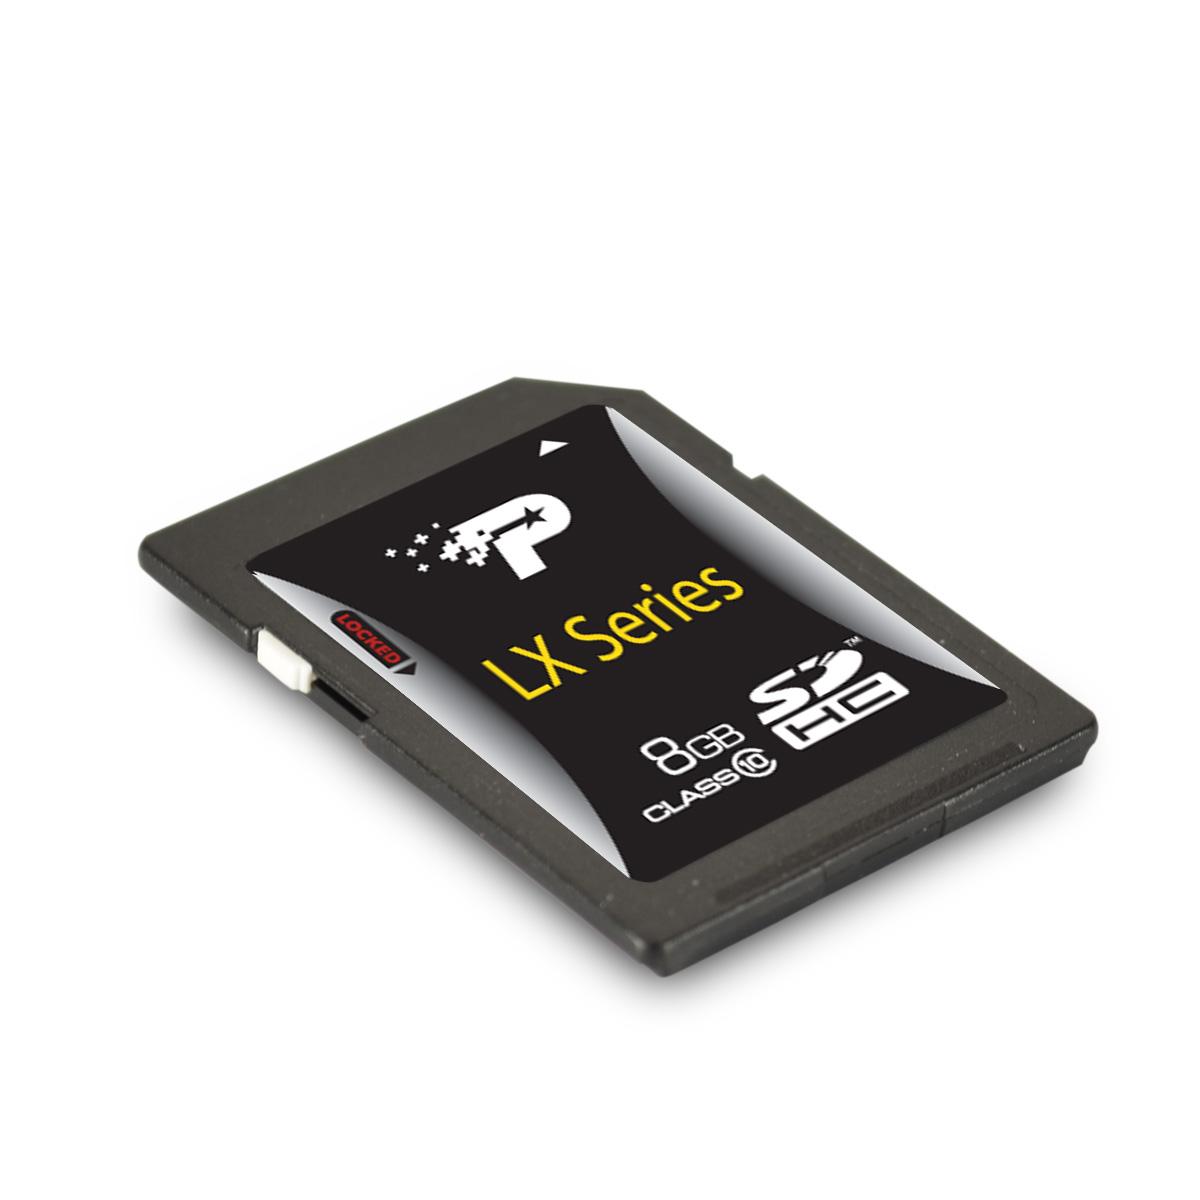 Cartao de Memoria 8GB SDHC Classe 10 LX Series PSF8GSDHC10 - Patriot